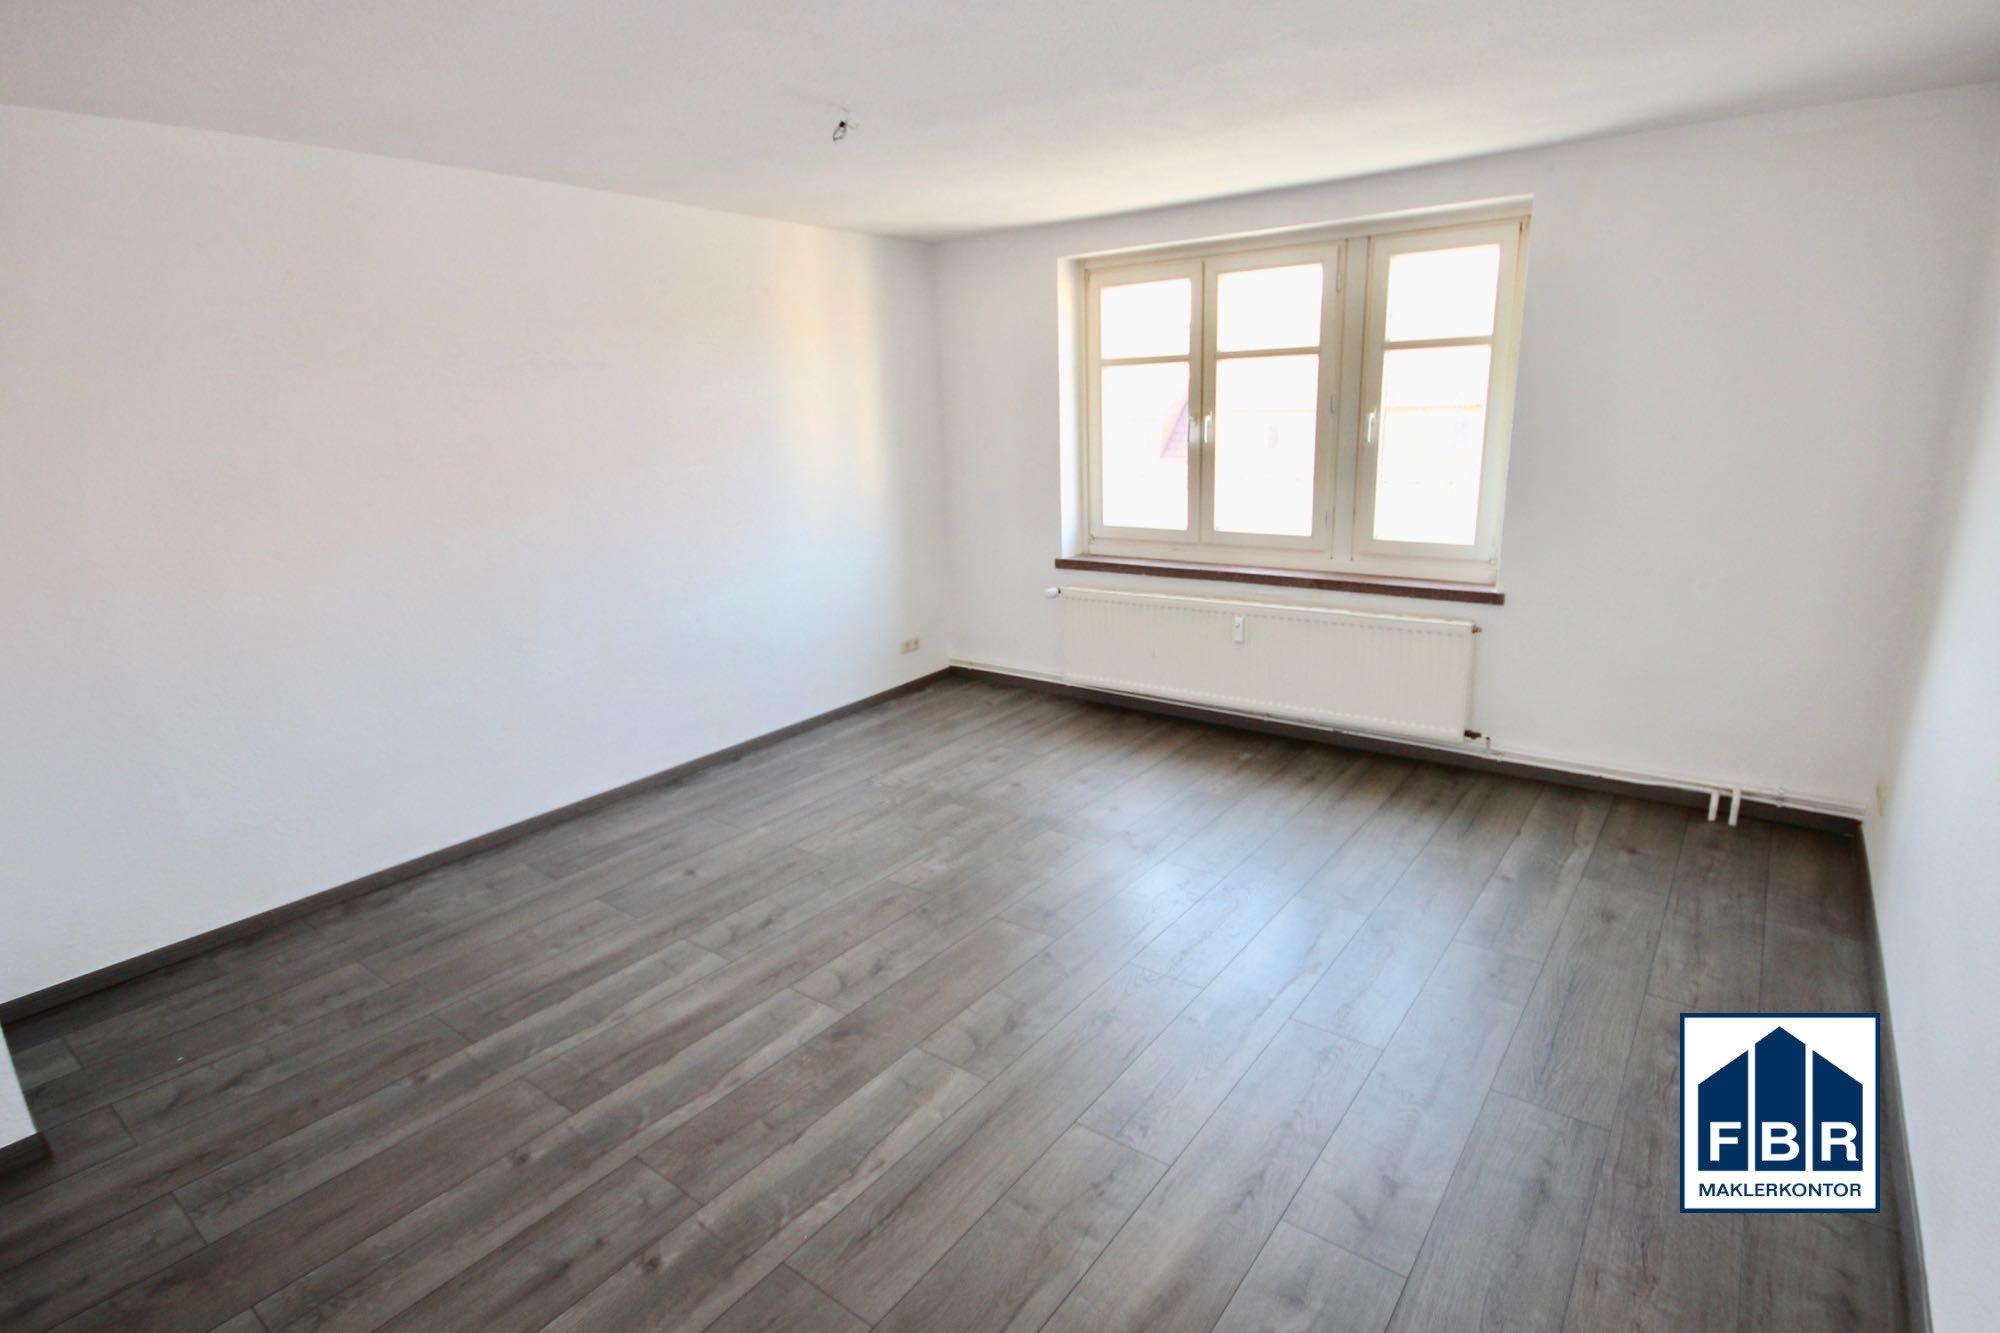 Zimmer mit Laminat